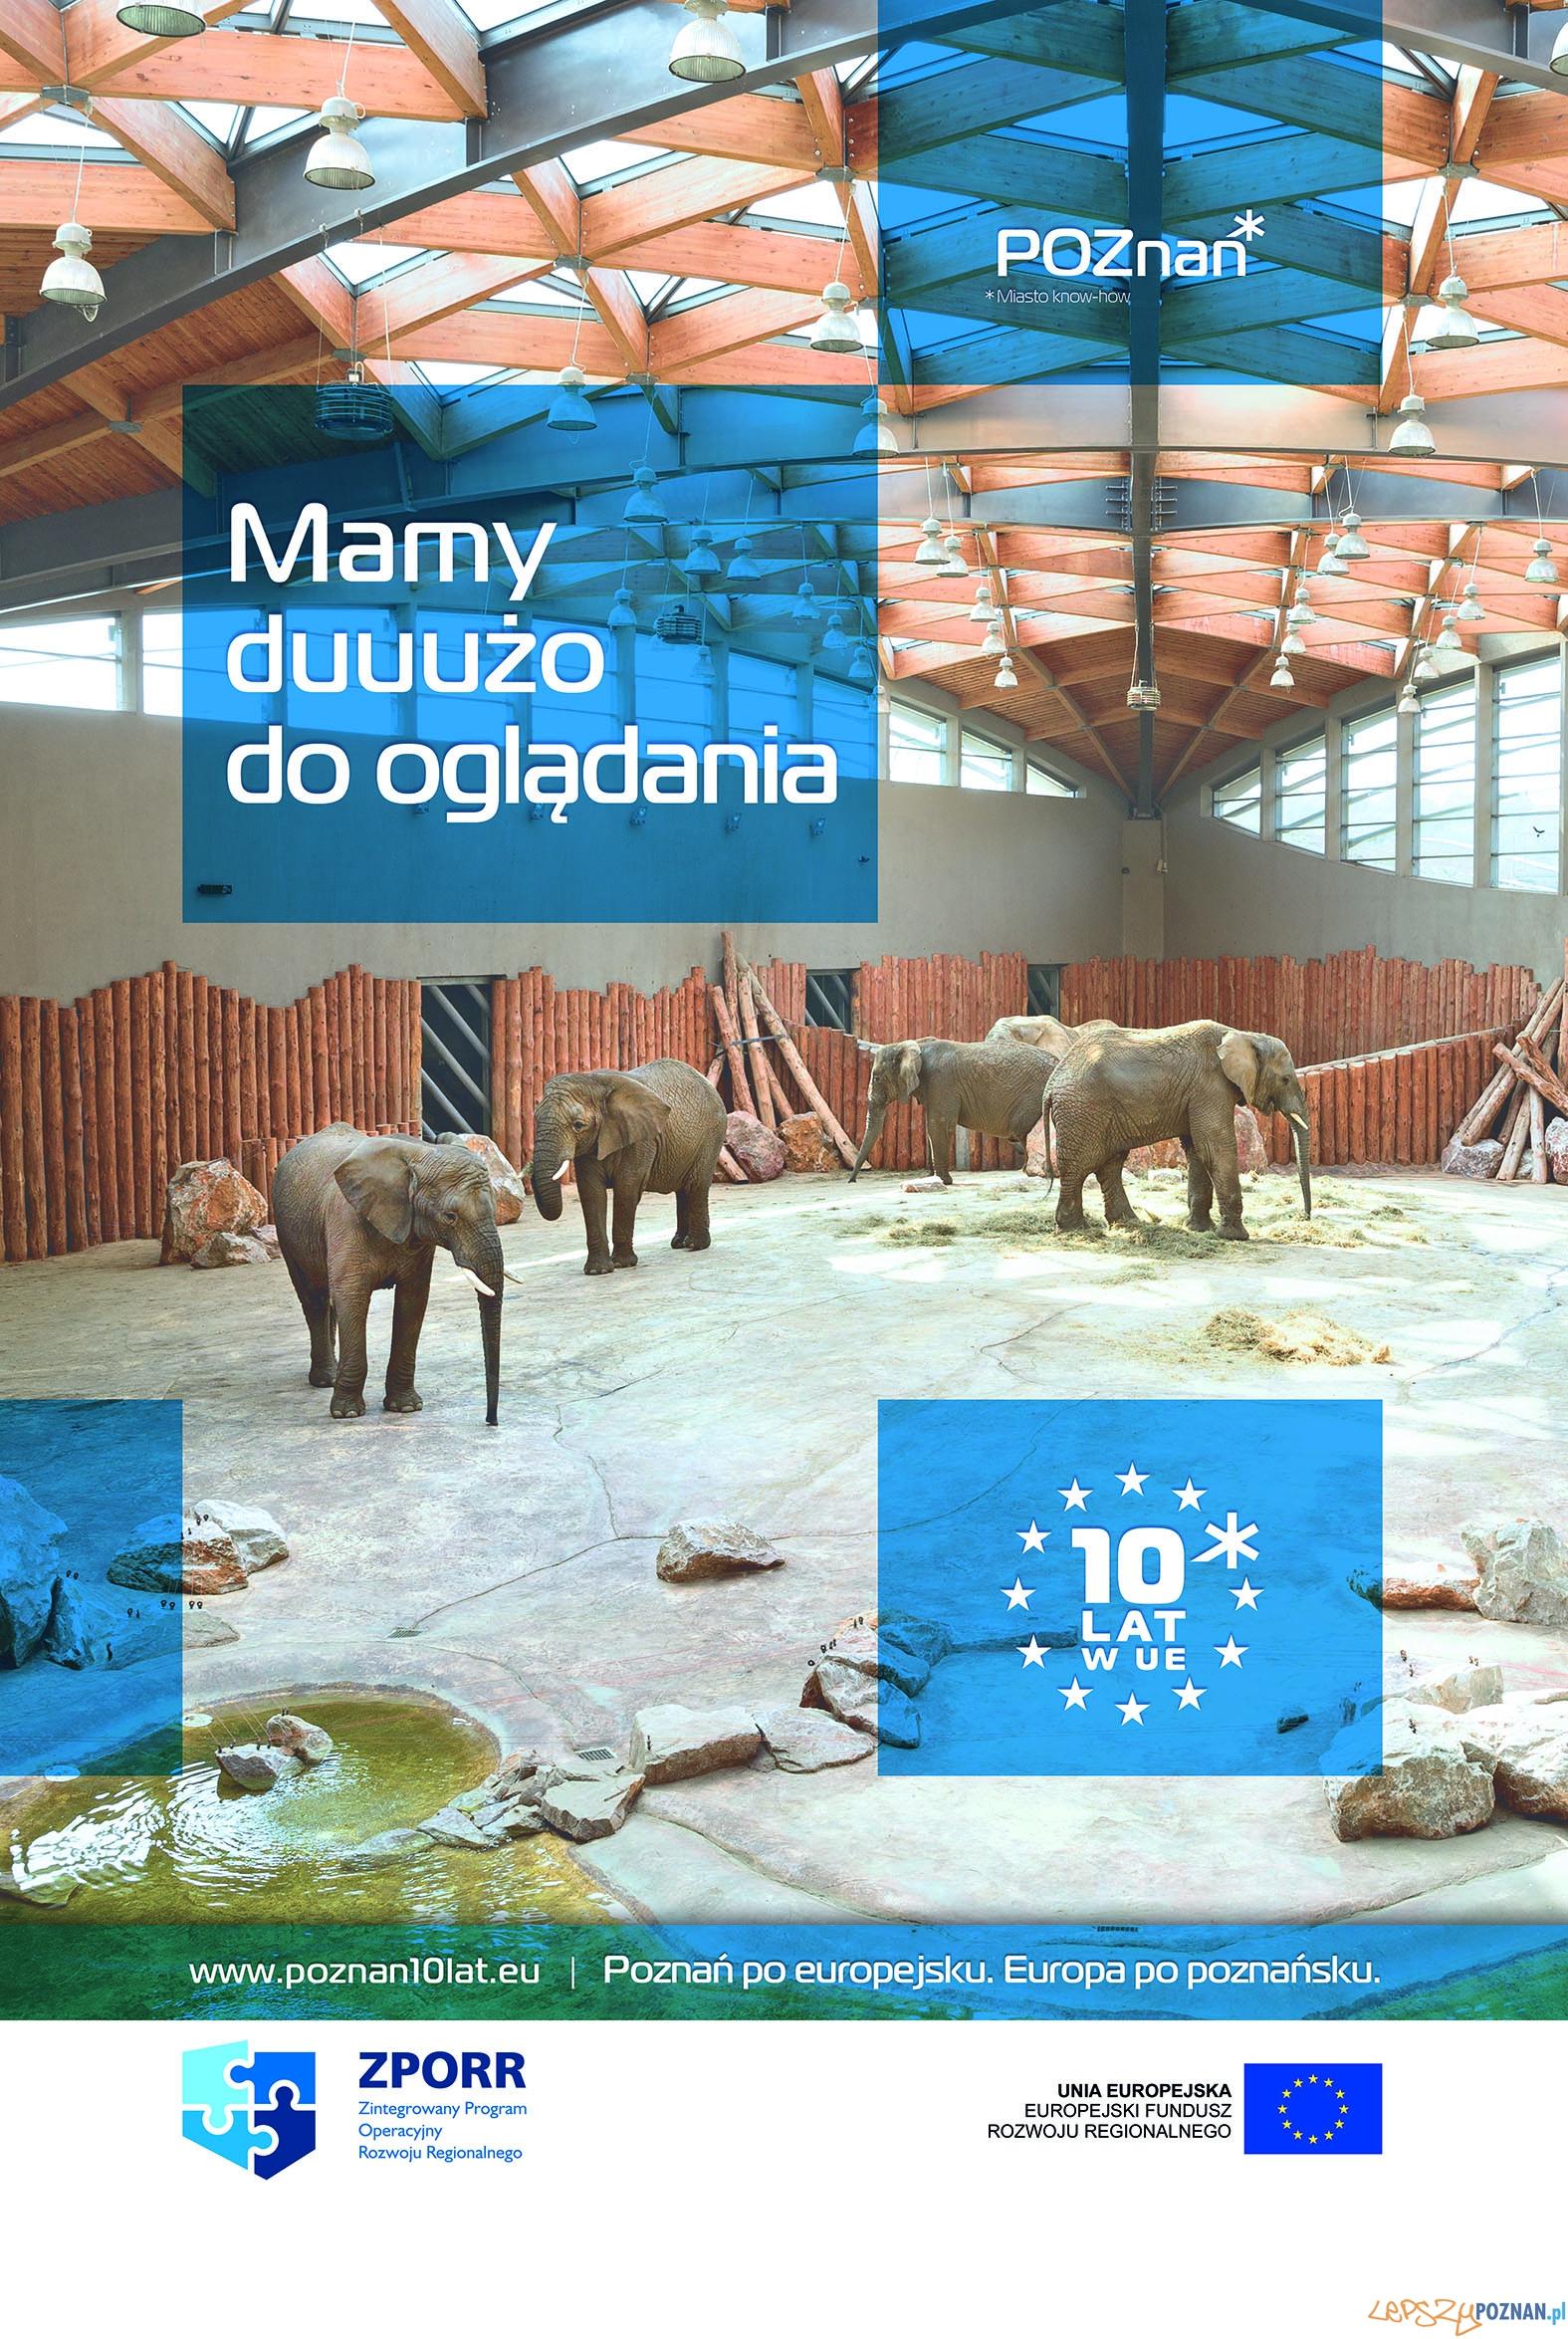 POZNAN citylight slonie  Foto: